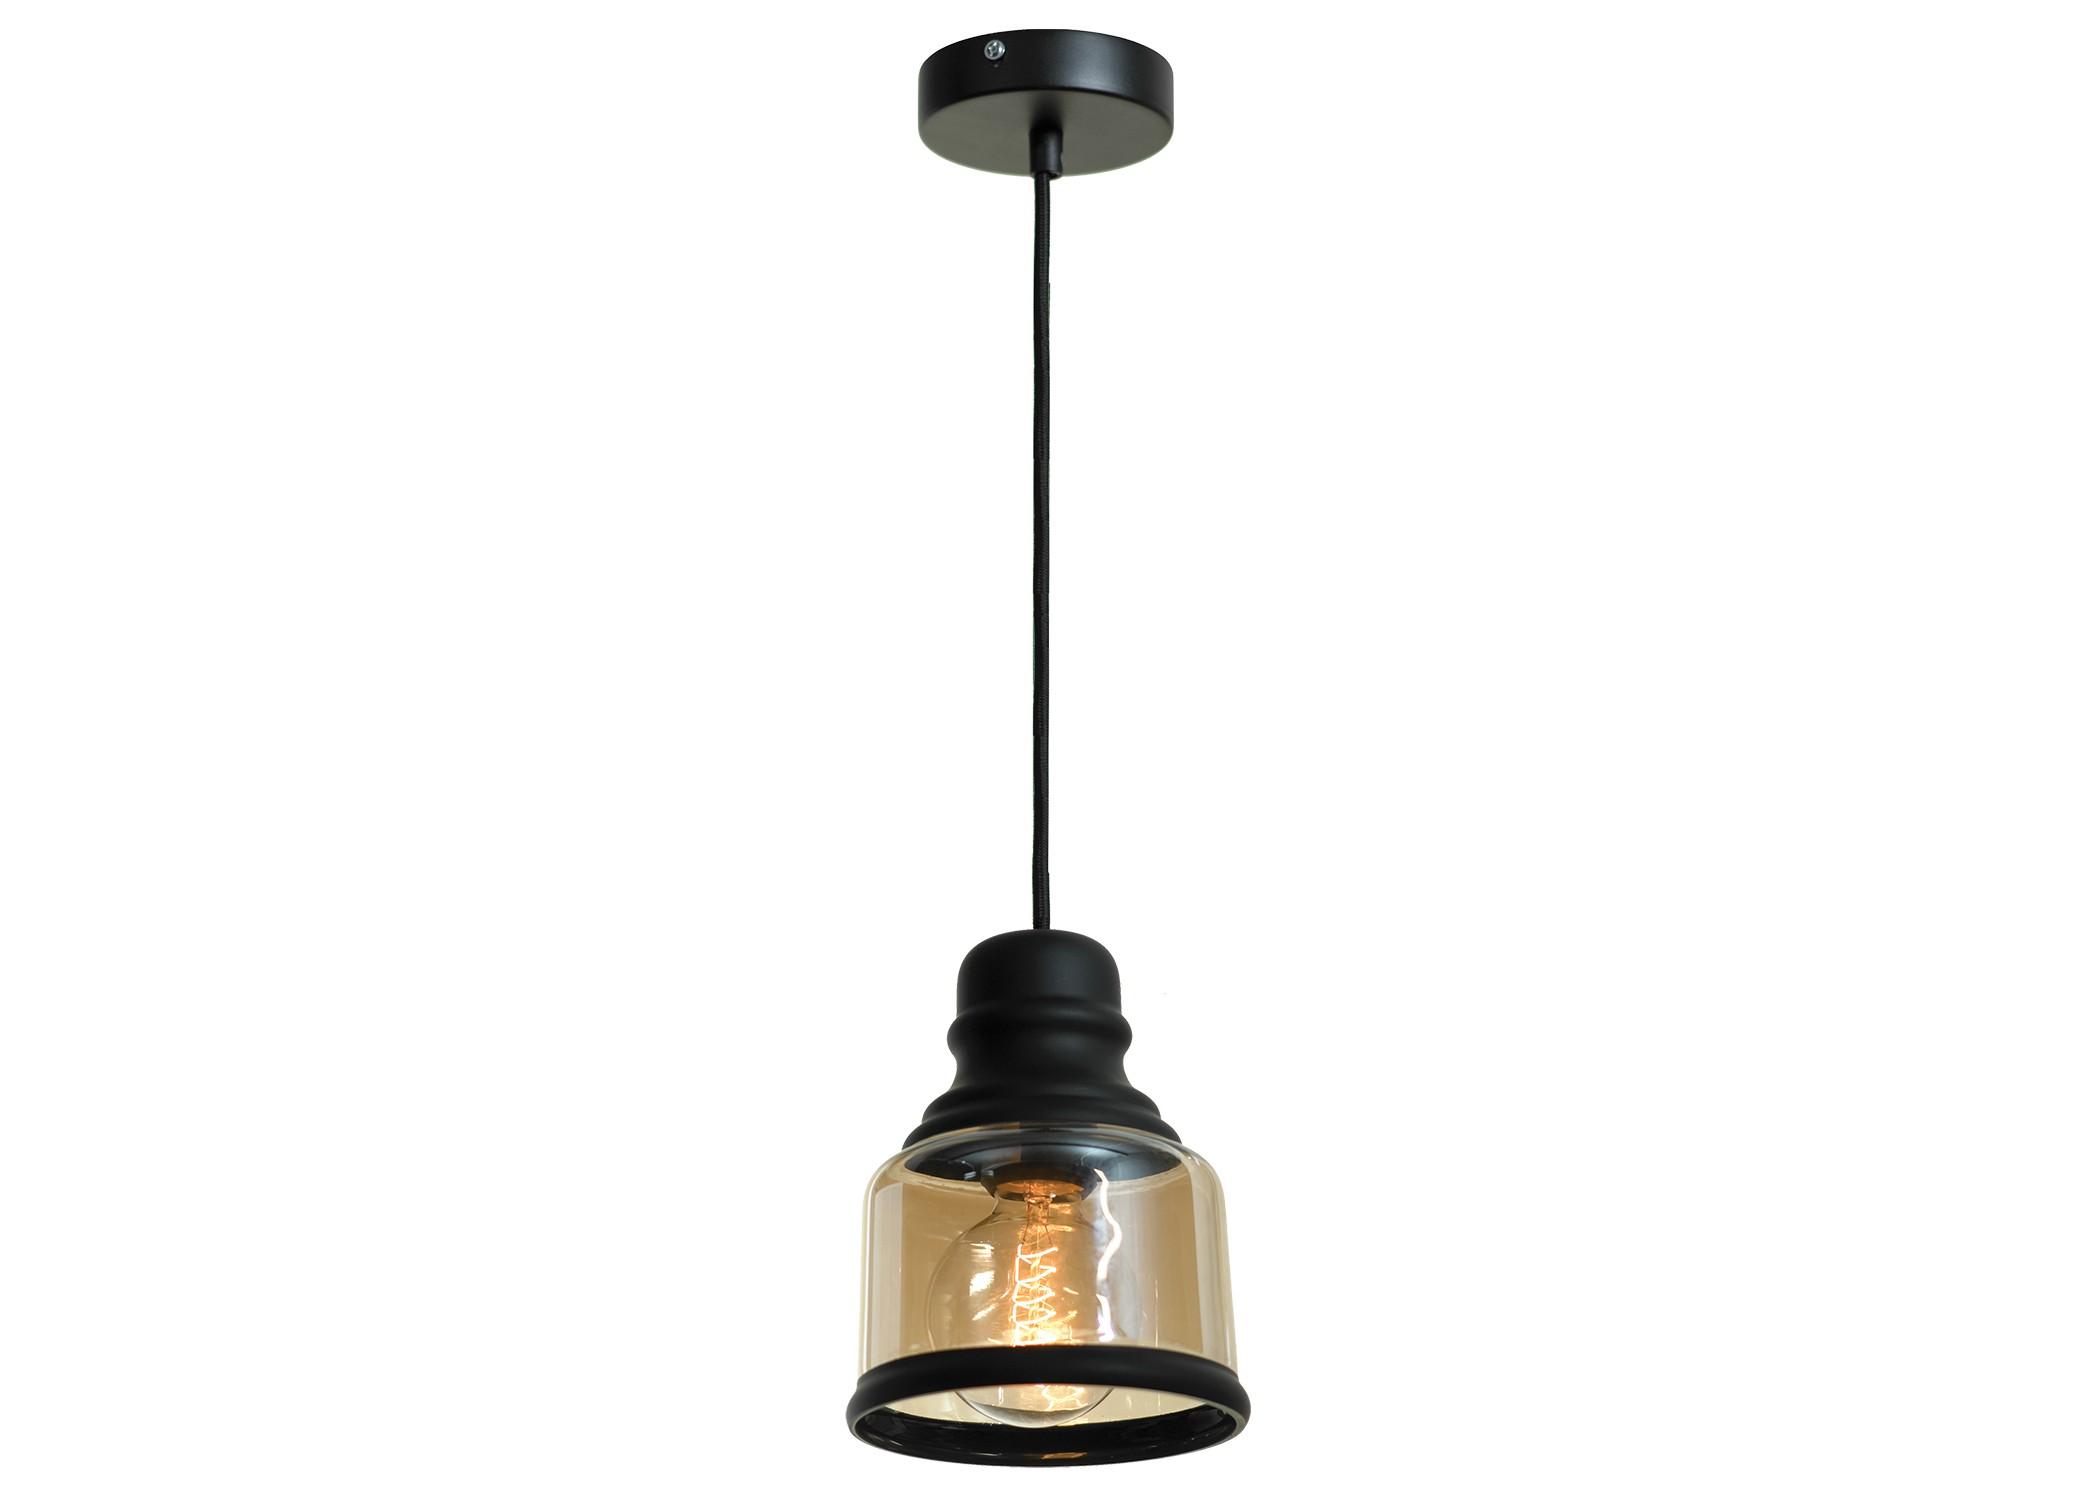 Подвесной светильникПодвесные светильники<br>&amp;lt;div&amp;gt;Цоколь: E27&amp;lt;/div&amp;gt;&amp;lt;div&amp;gt;Мощность ламп: 60W&amp;lt;/div&amp;gt;&amp;lt;div&amp;gt;Количество лампочек: 1&amp;lt;/div&amp;gt;<br><br>Material: Стекло<br>Height см: 150<br>Diameter см: 12